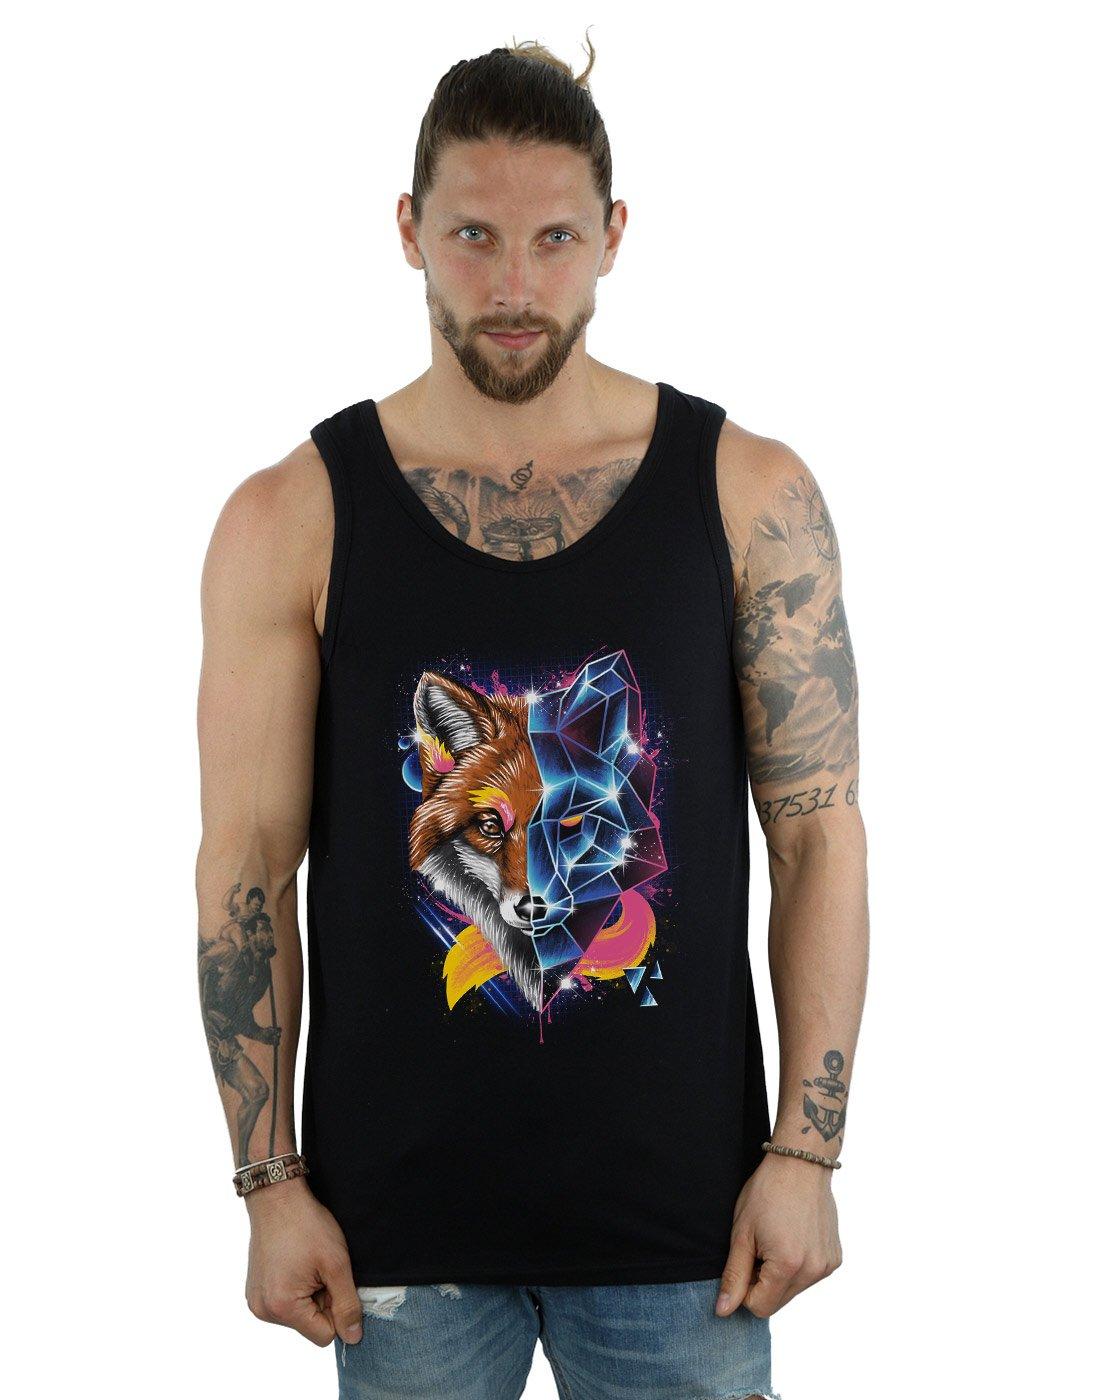 Rad Fox Shirts